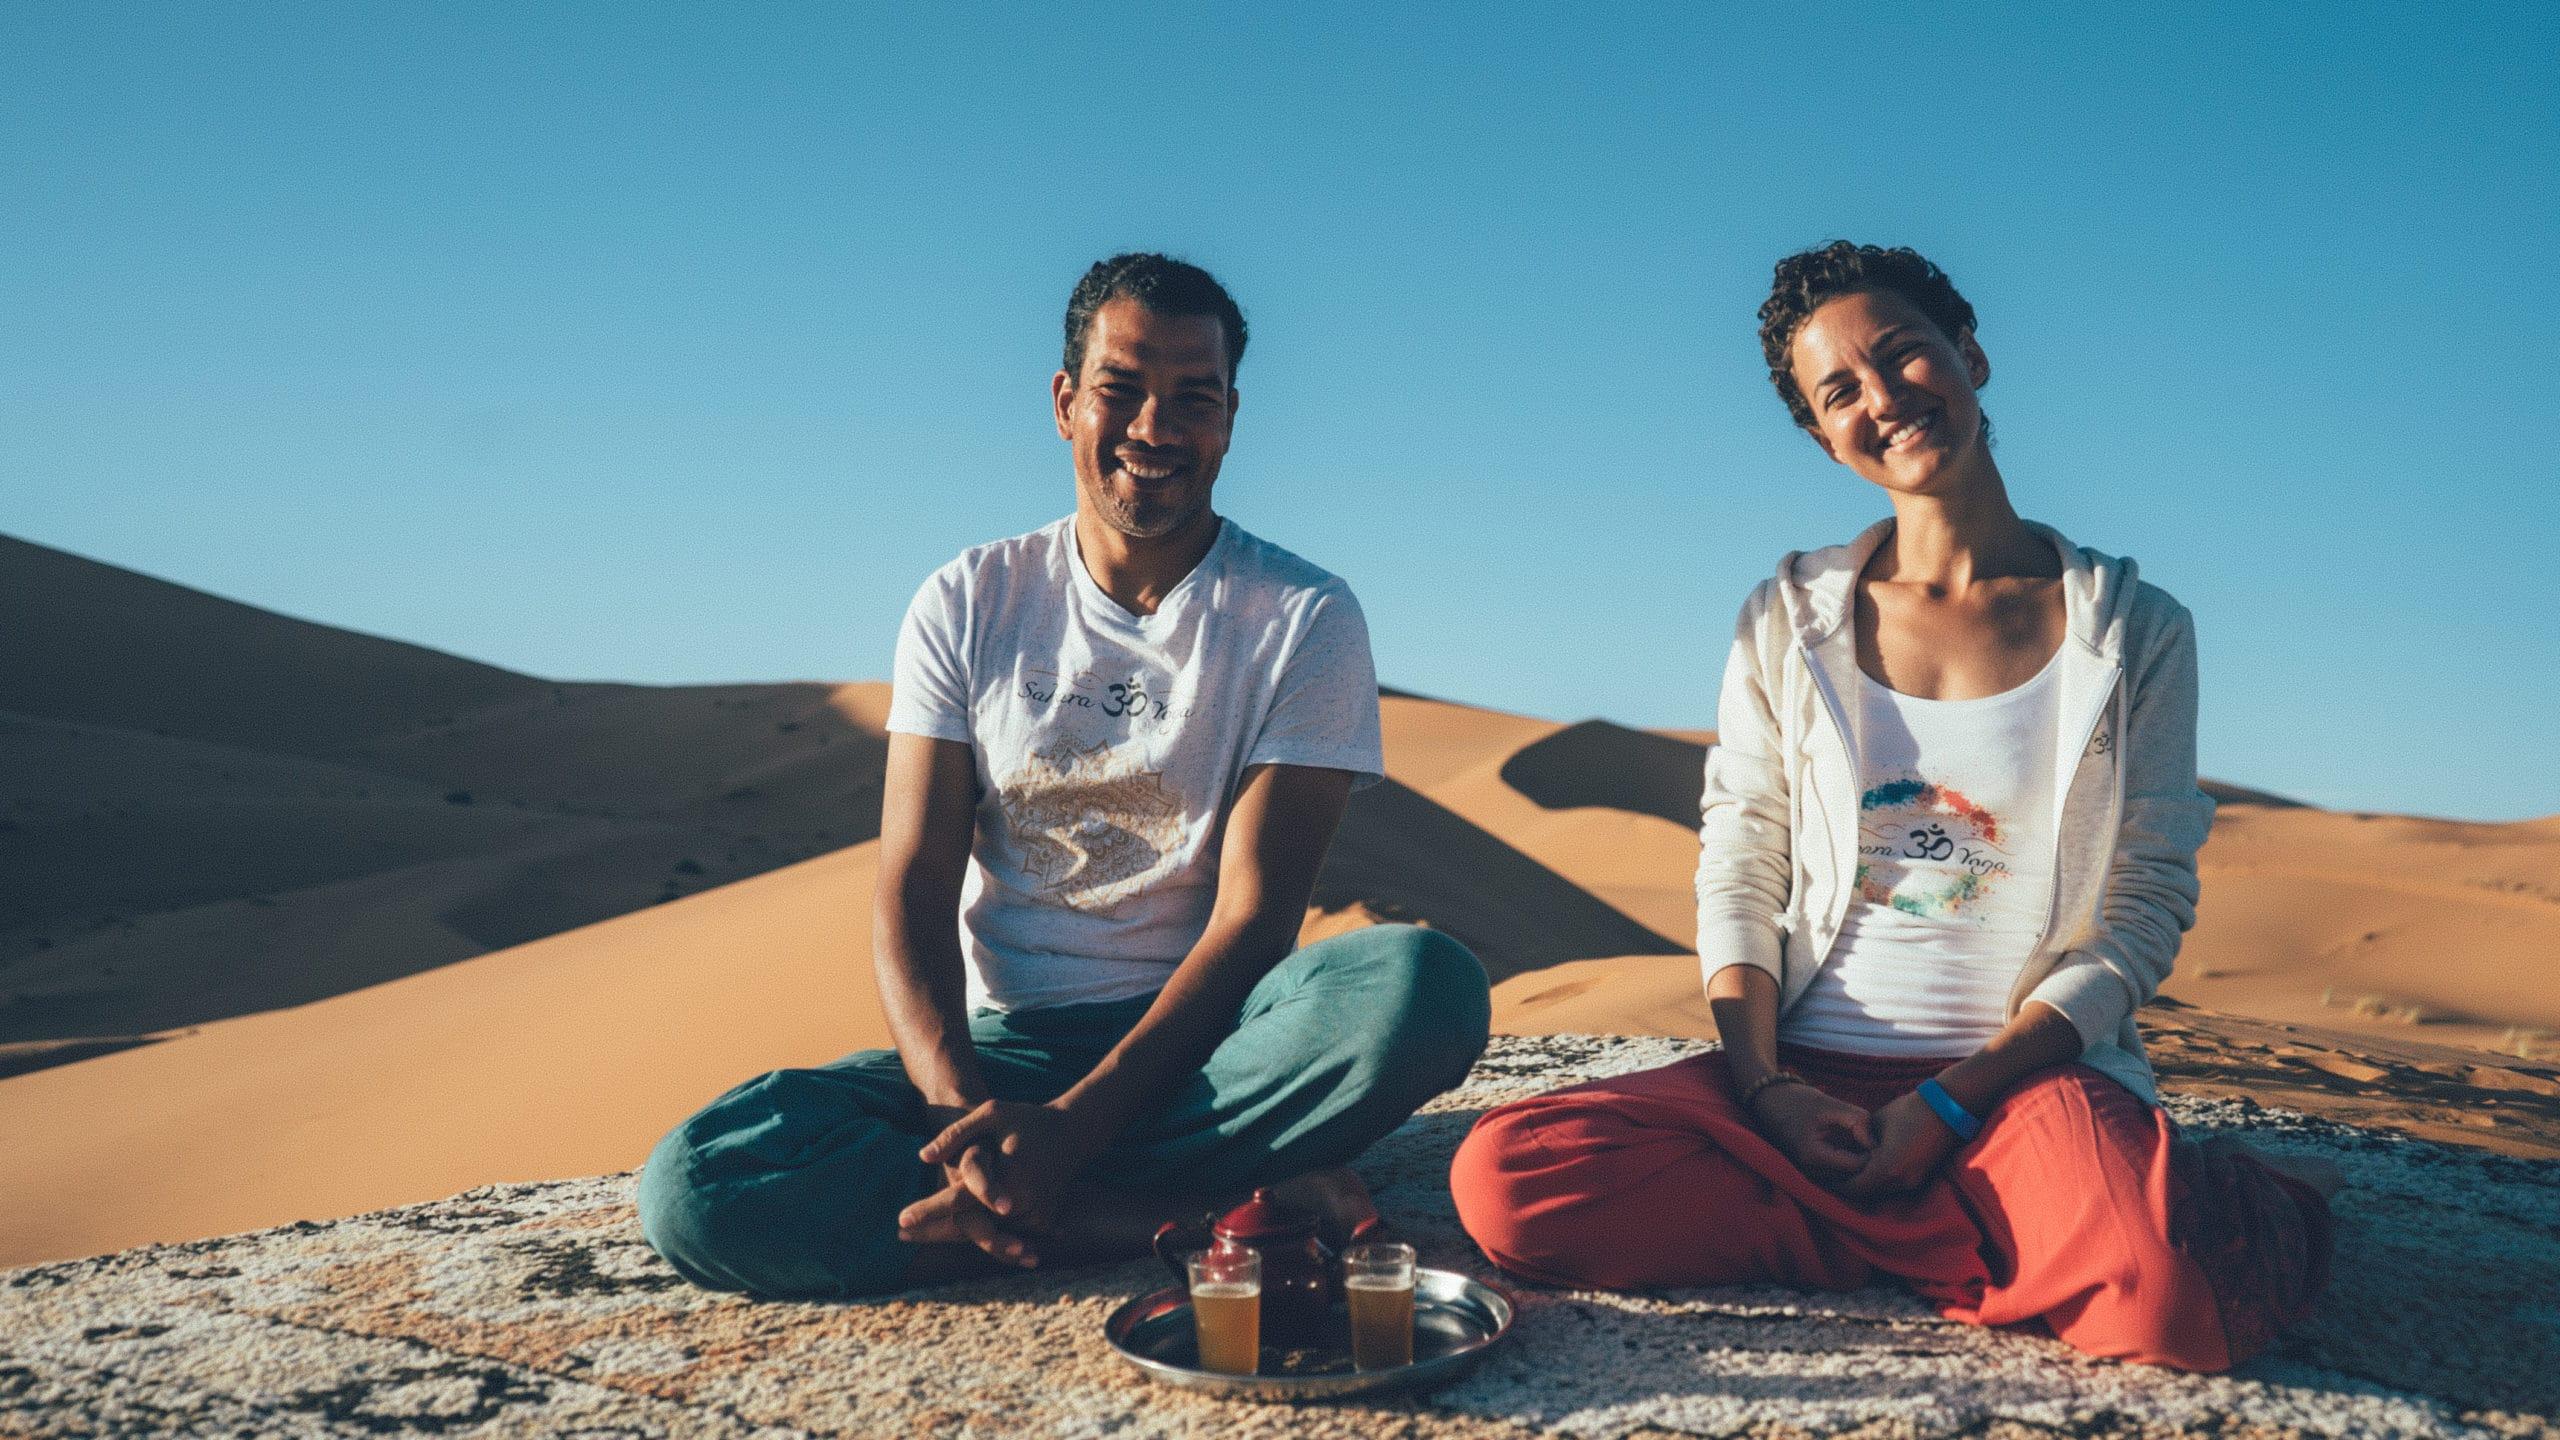 Barak und Ayla in der Sahara auf einer Düne